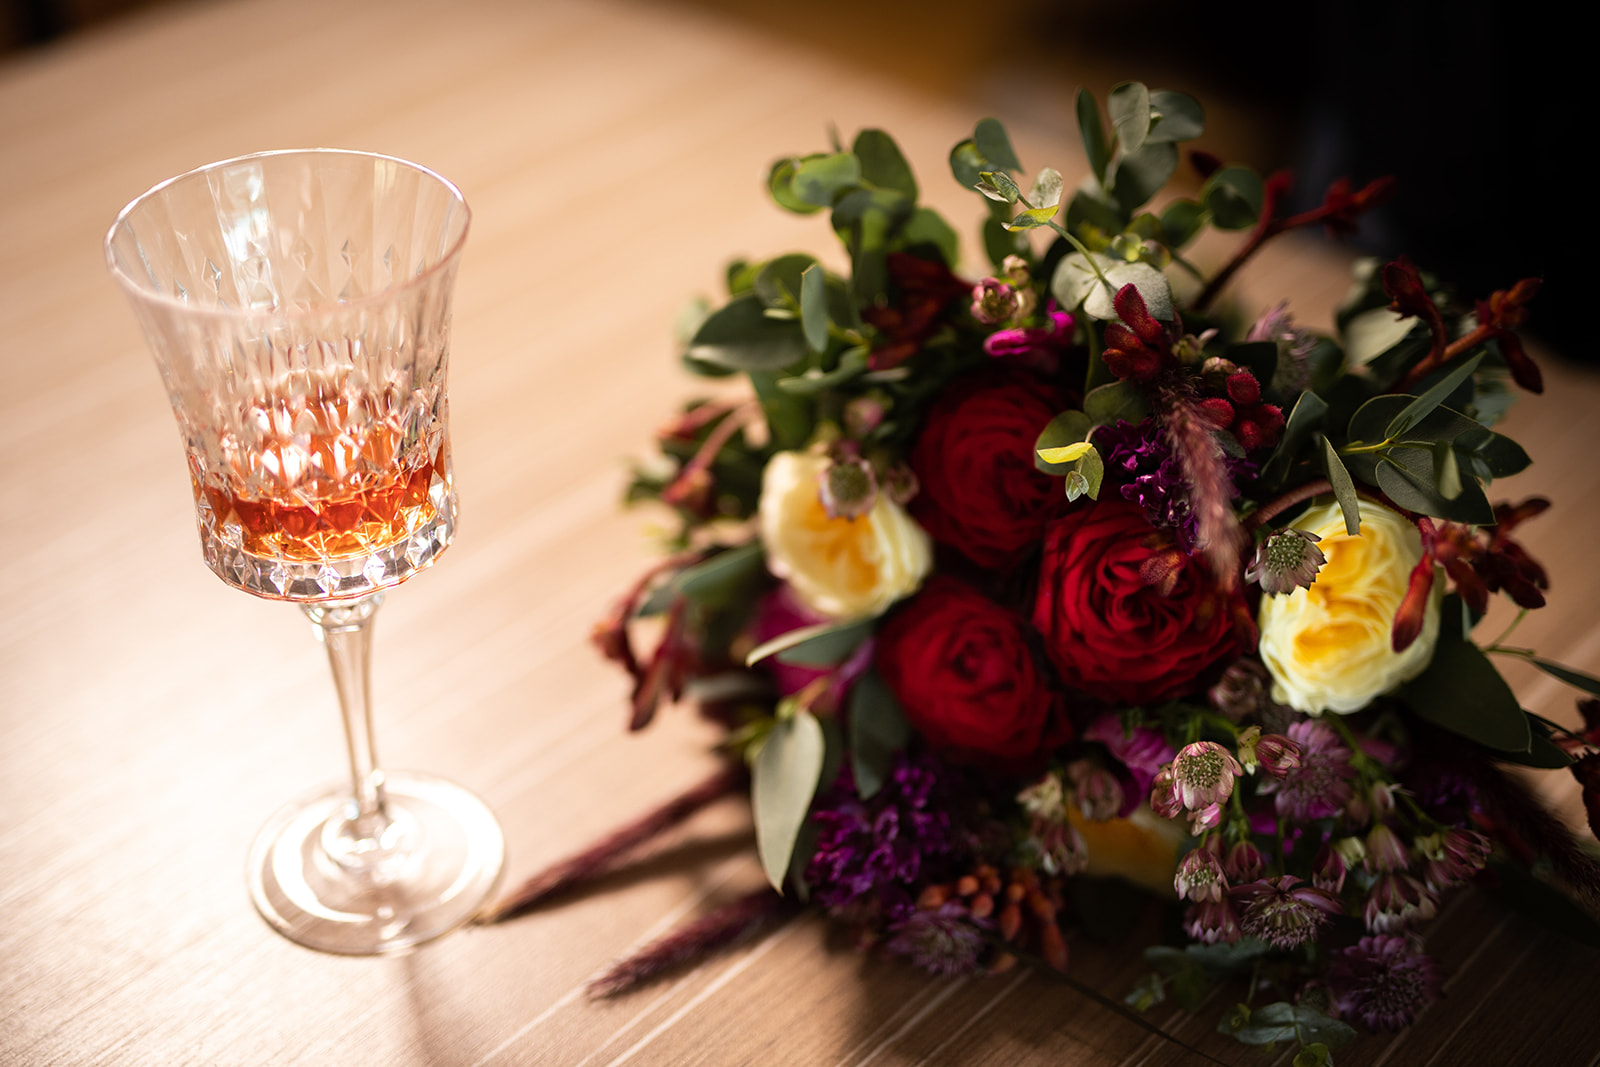 Le bouquet - L'avantage de votre thème est que vous avez la liberté du choix de vos fleurs et couleurs. Nous on a craqué sur ce bouquet de chez O'fleur, un doux mélange entre le rouge intense des roses et les couleurs automnales des asters et des delphiniums.